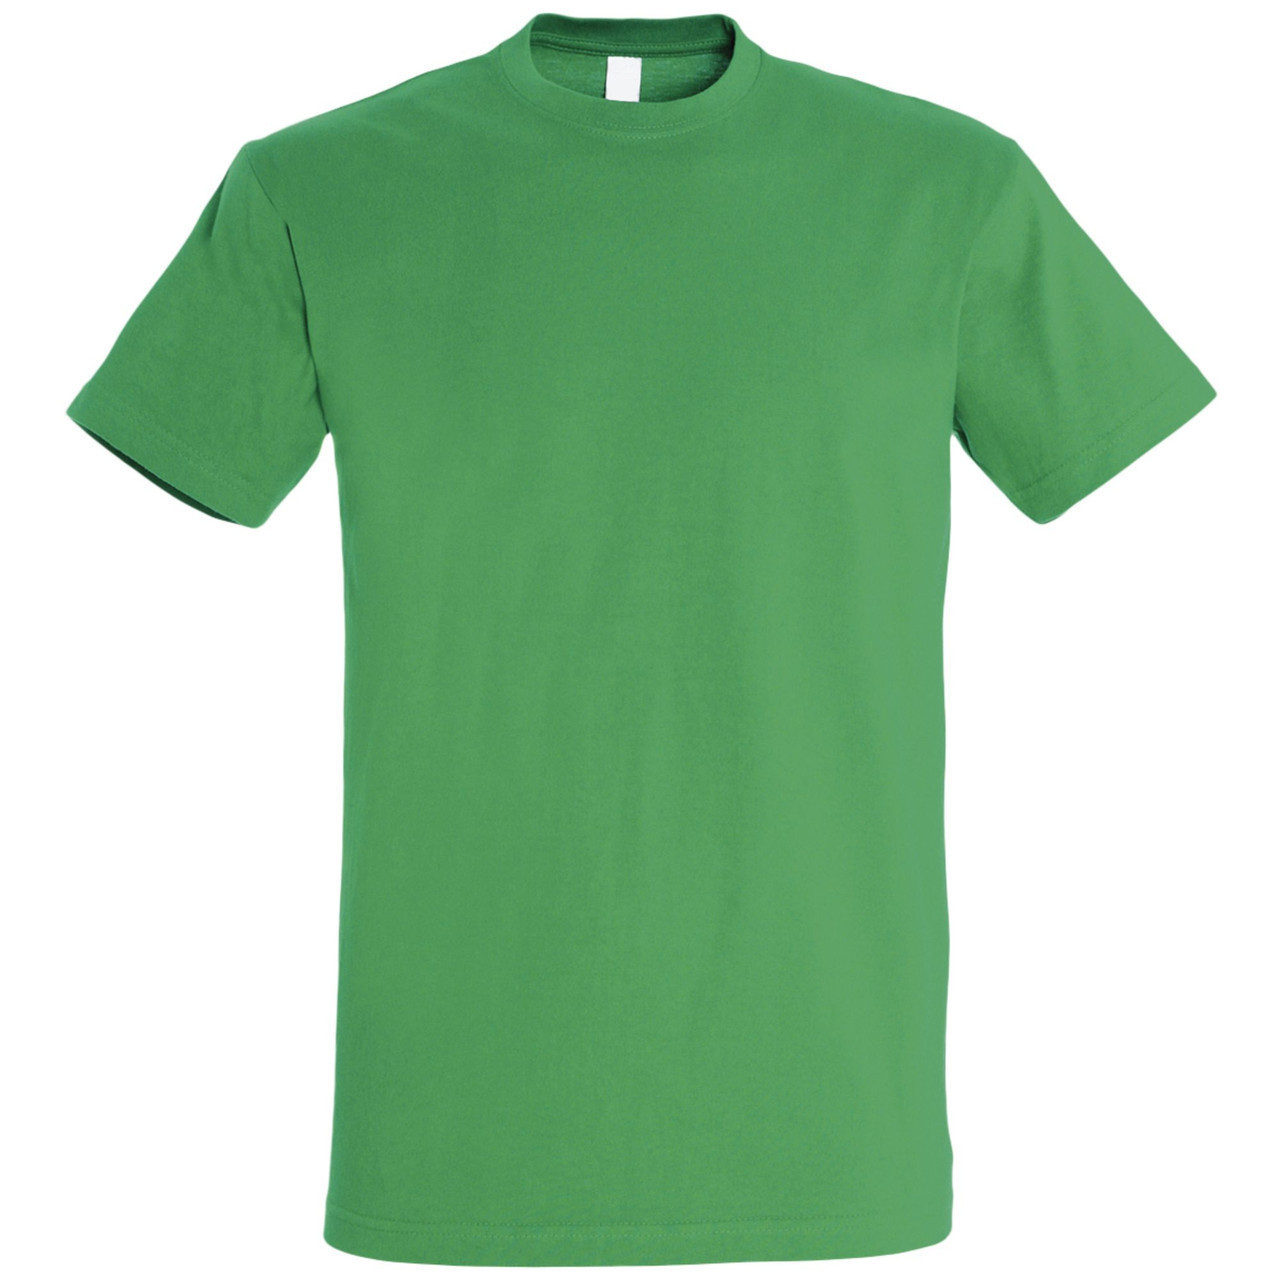 Oднотонная футболка | Зеленая | 160 гр. | 3XL